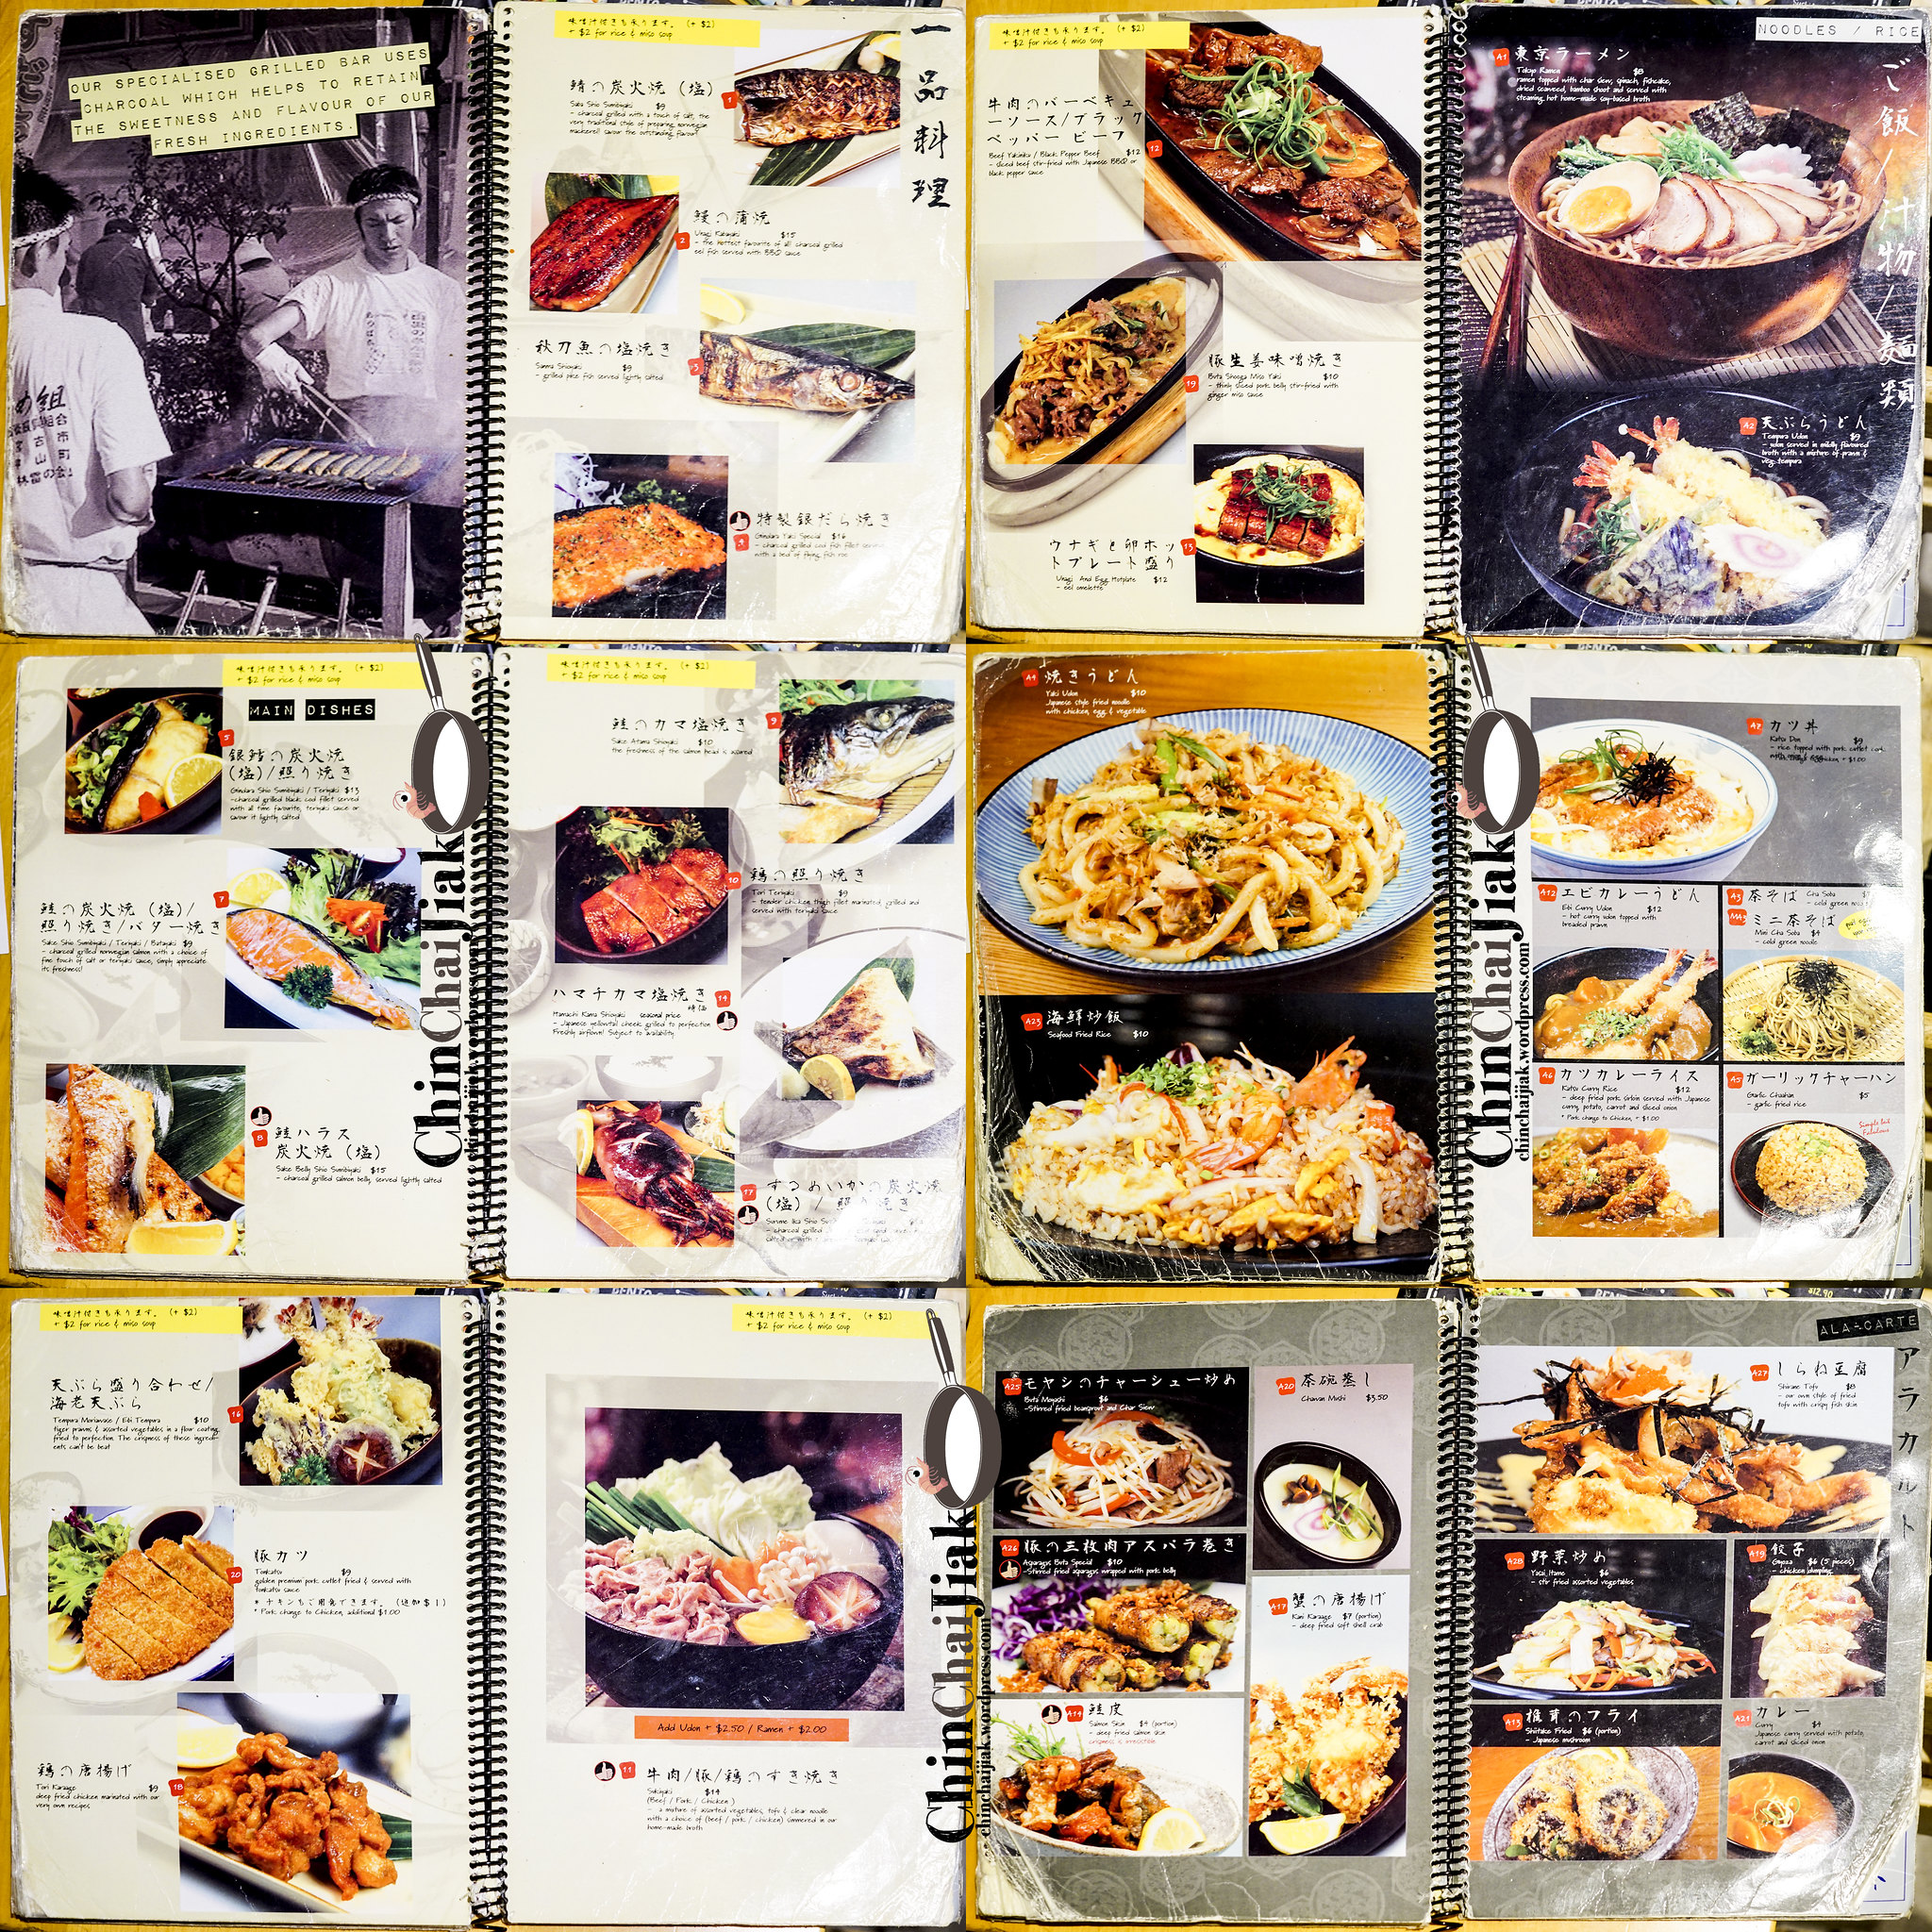 Koh Sushi And Grill Koh Grill Sushi Bar Menu